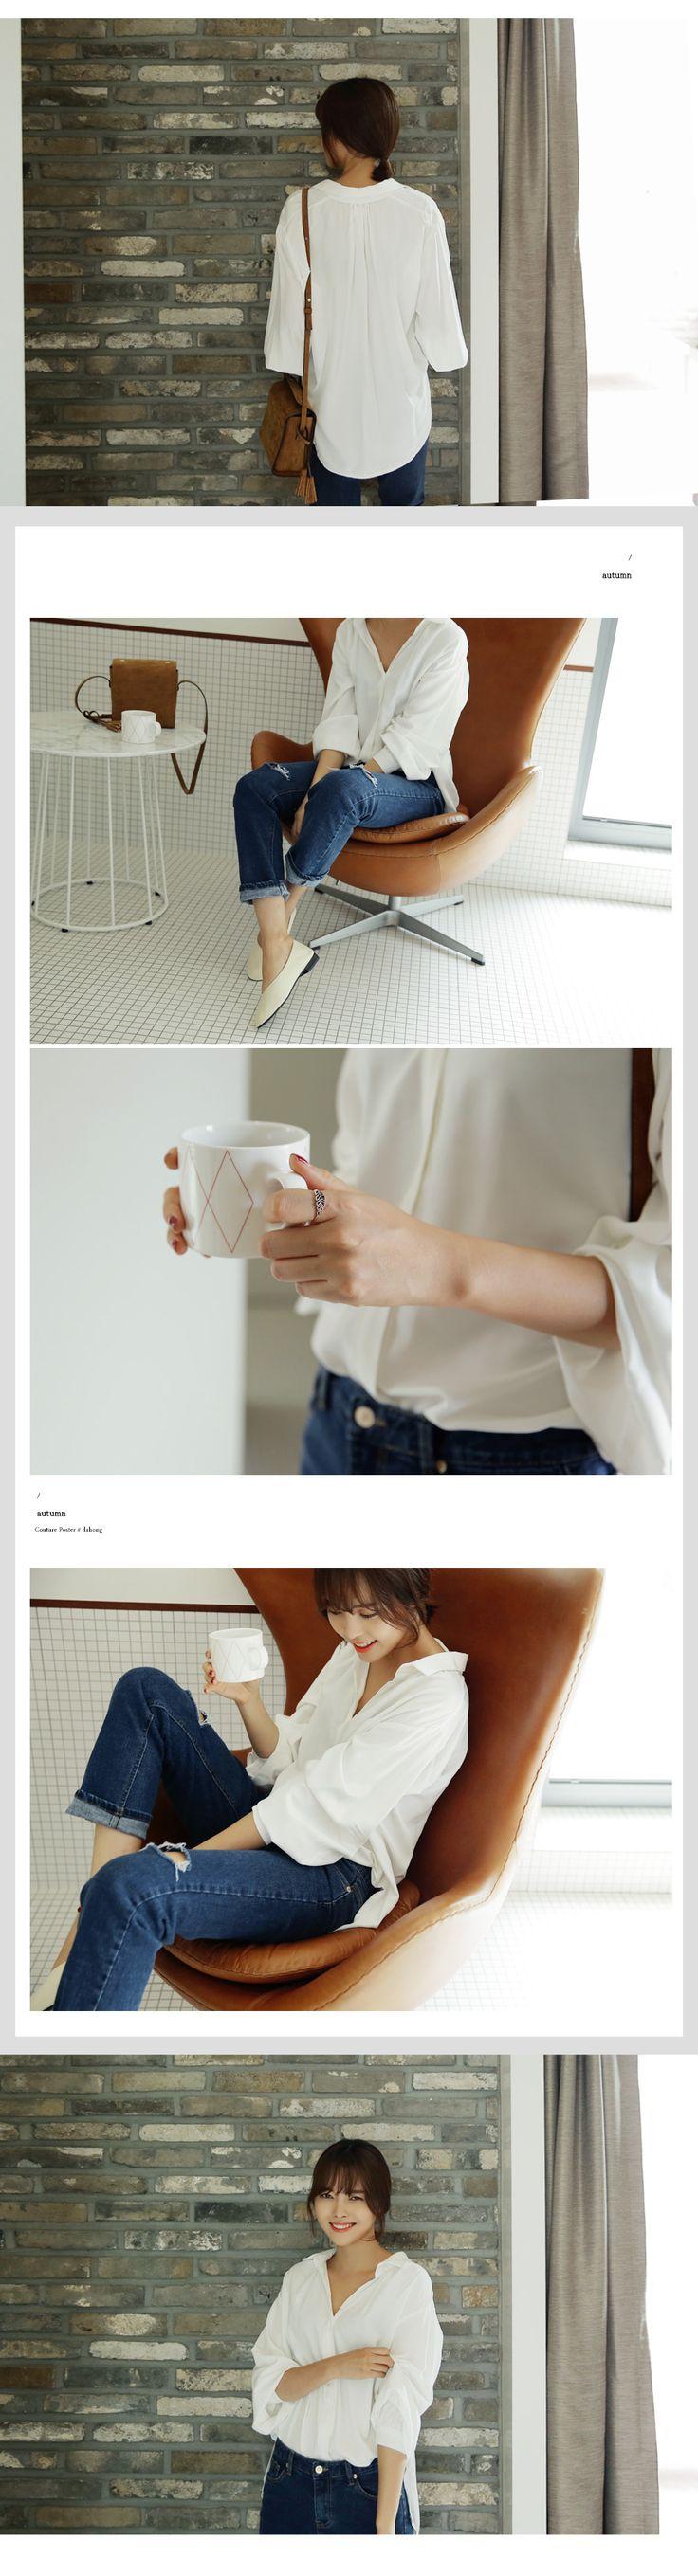 Vネックオーバーフィットブラウス・全4色シャツ・ブラウスシャツ|レディースファッション通販 DHOLICディーホリック [ファストファッション 水着 ワンピース]